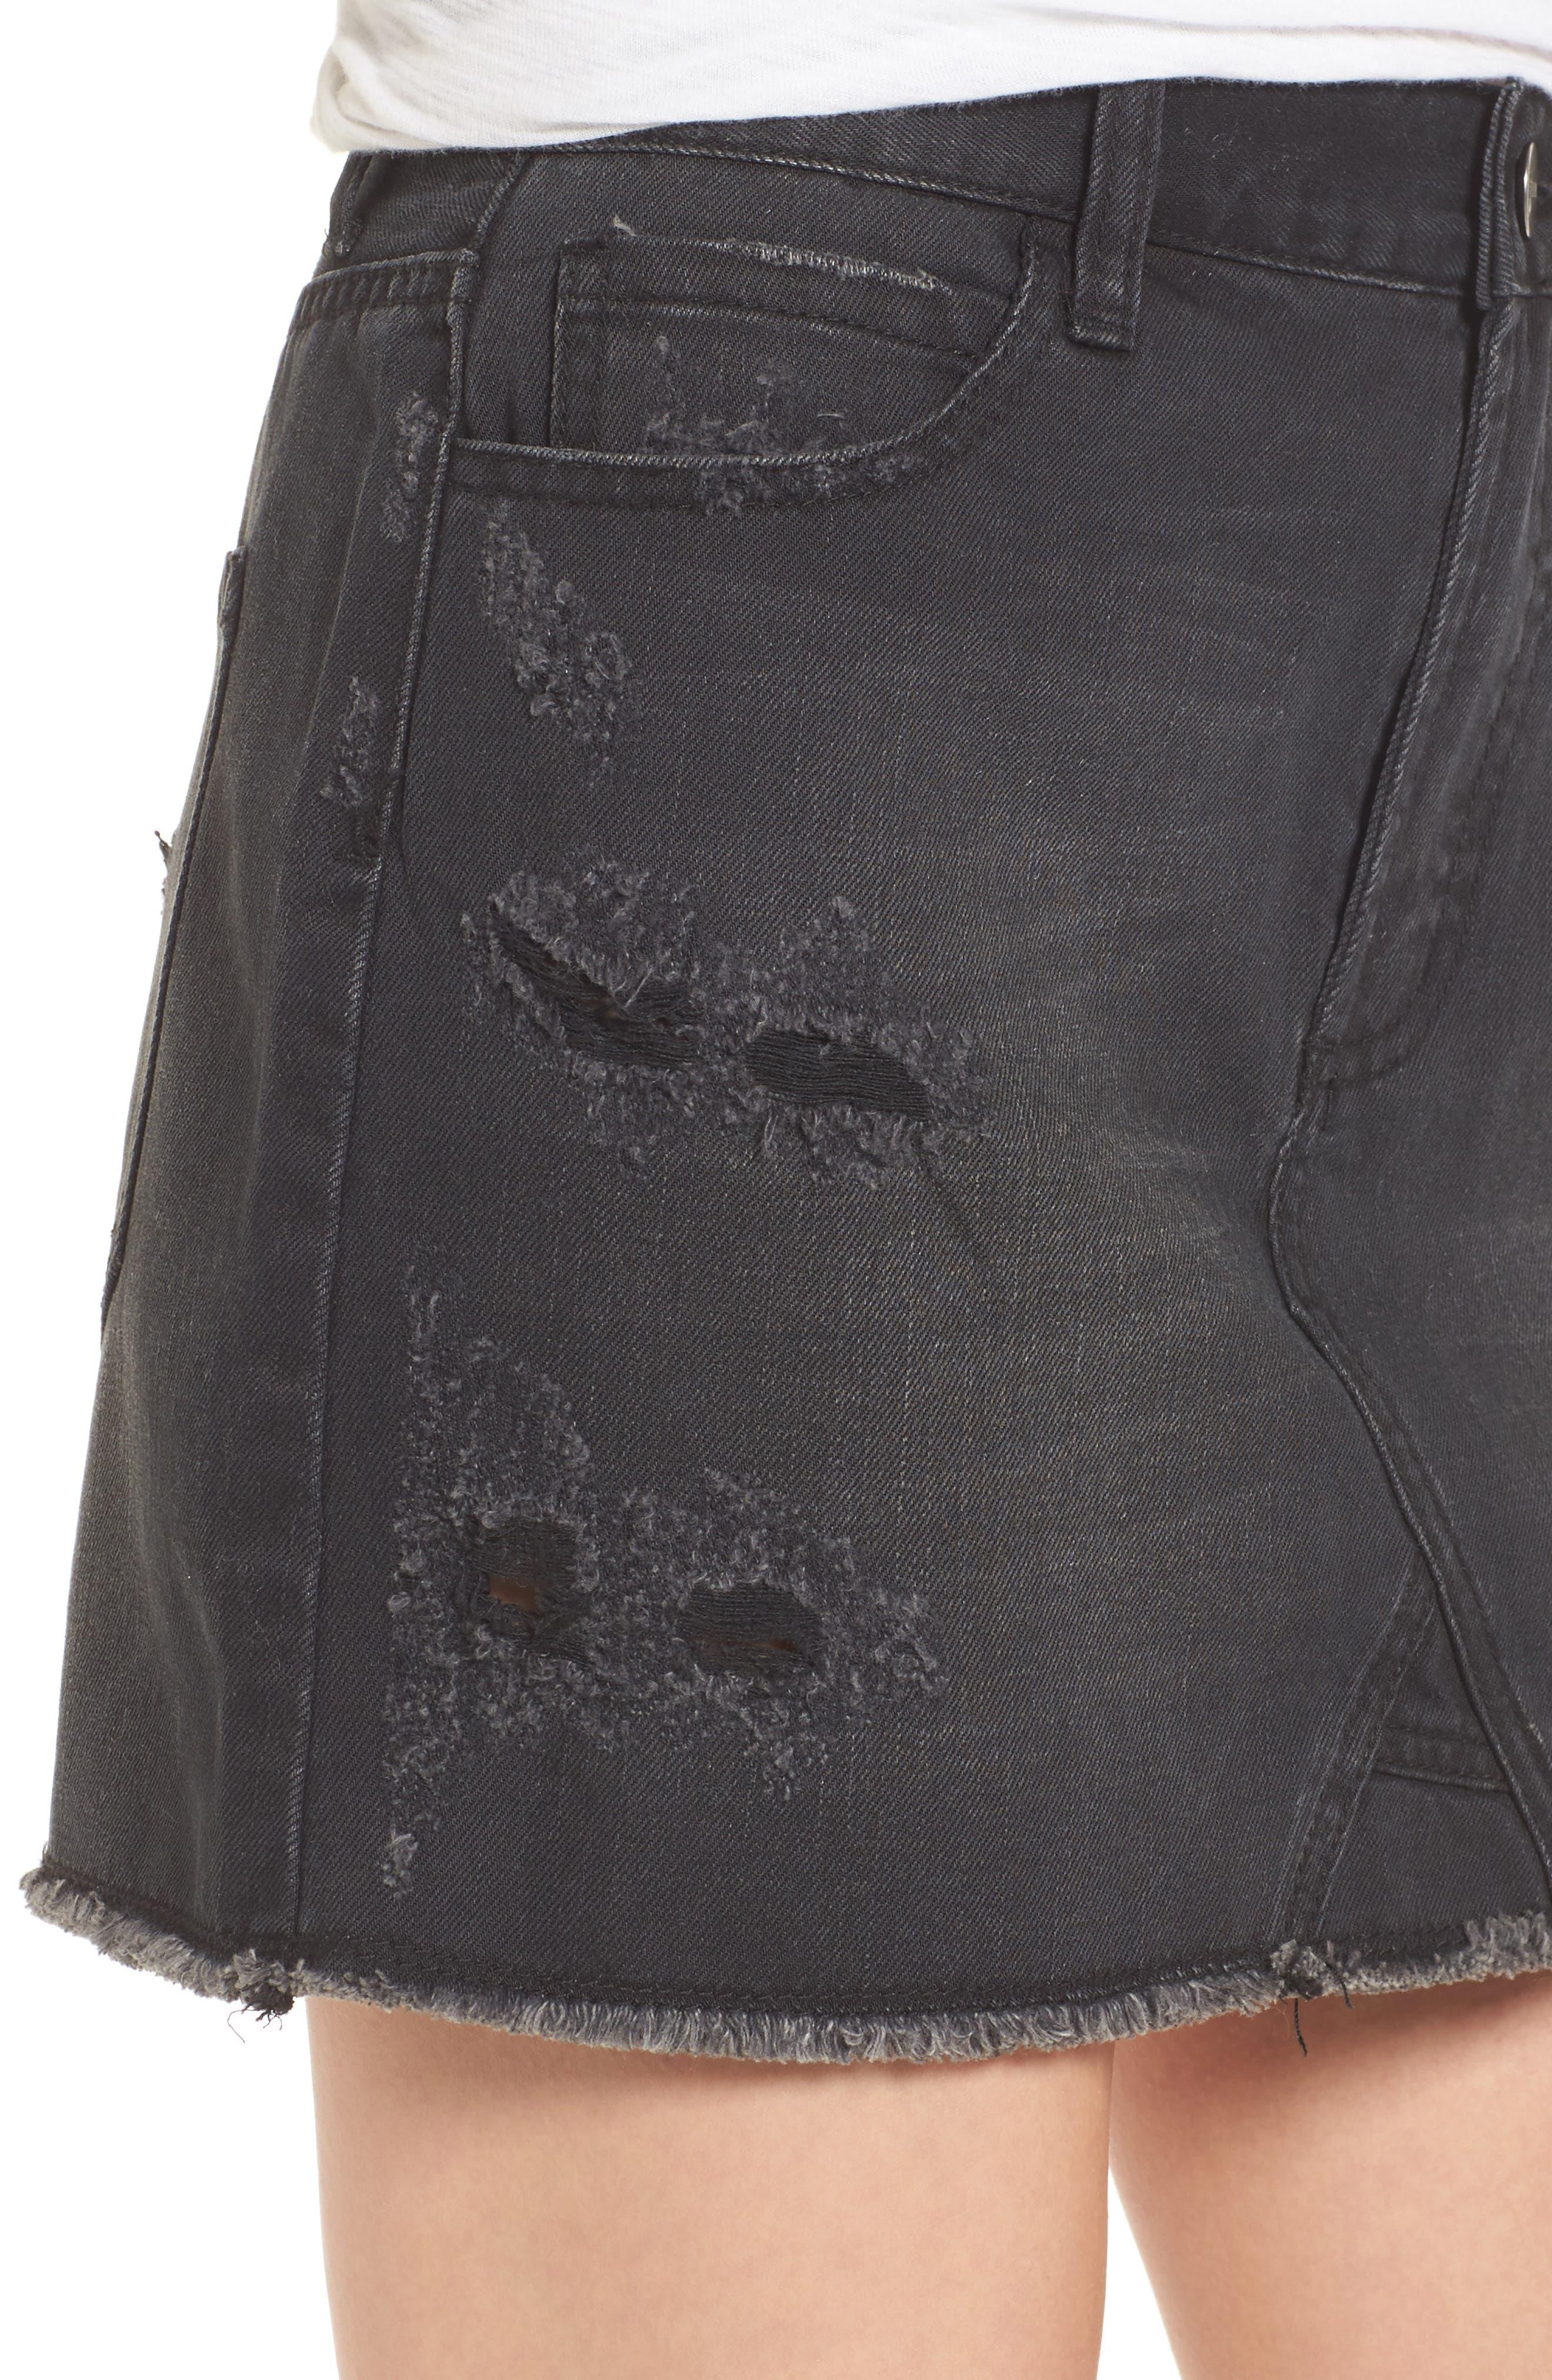 Destroyed Denim Miniskirt,                             Alternate thumbnail 4, color,                             001